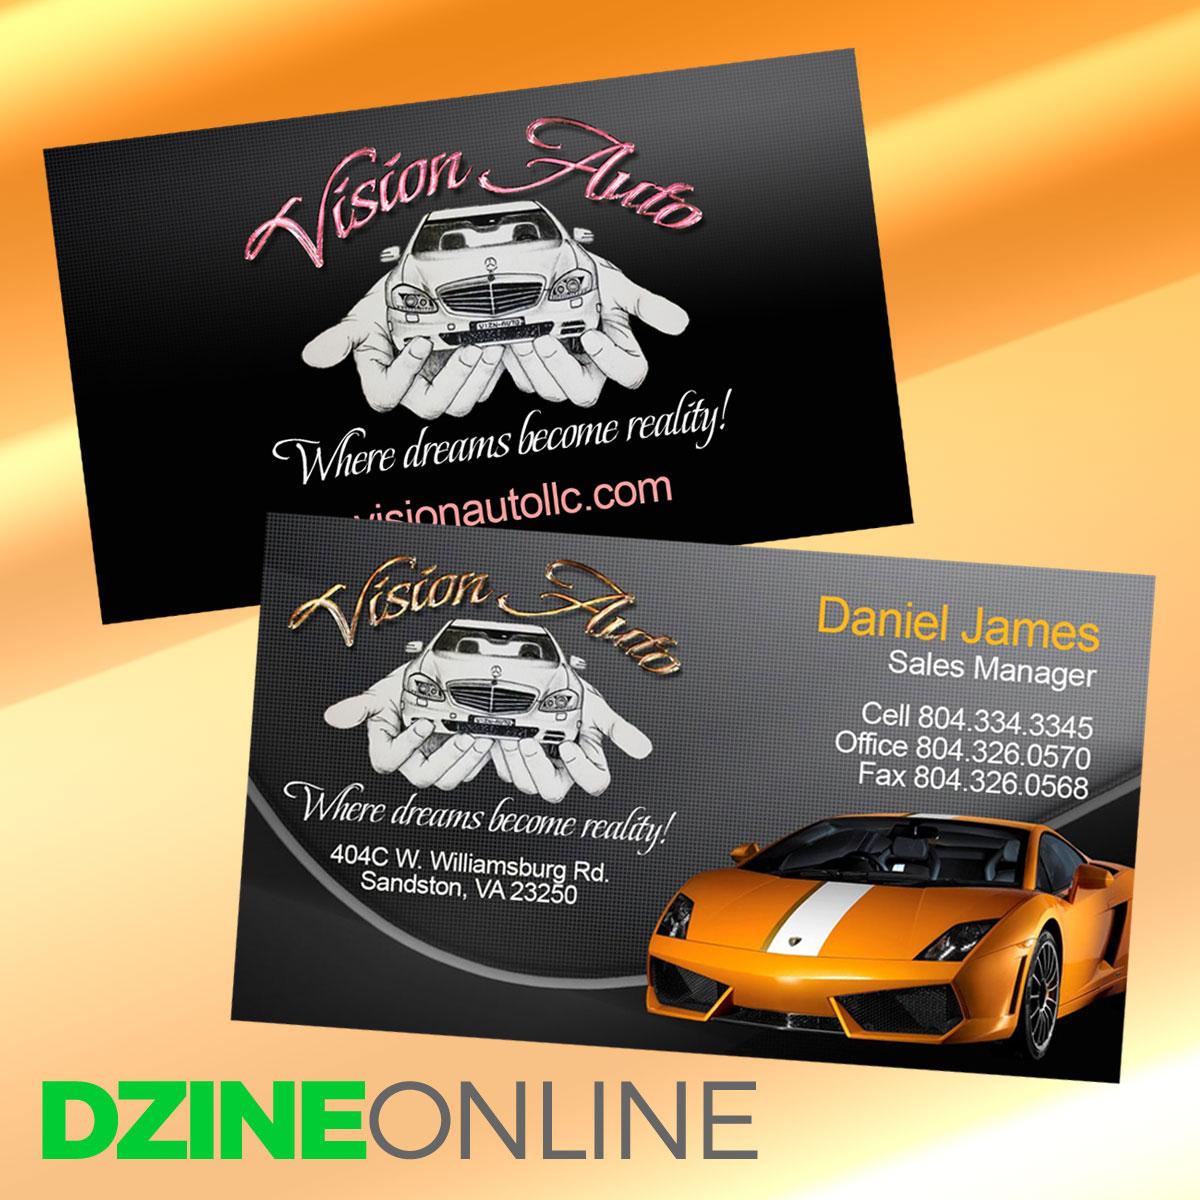 Business Card (Next Day) | Dzine Online